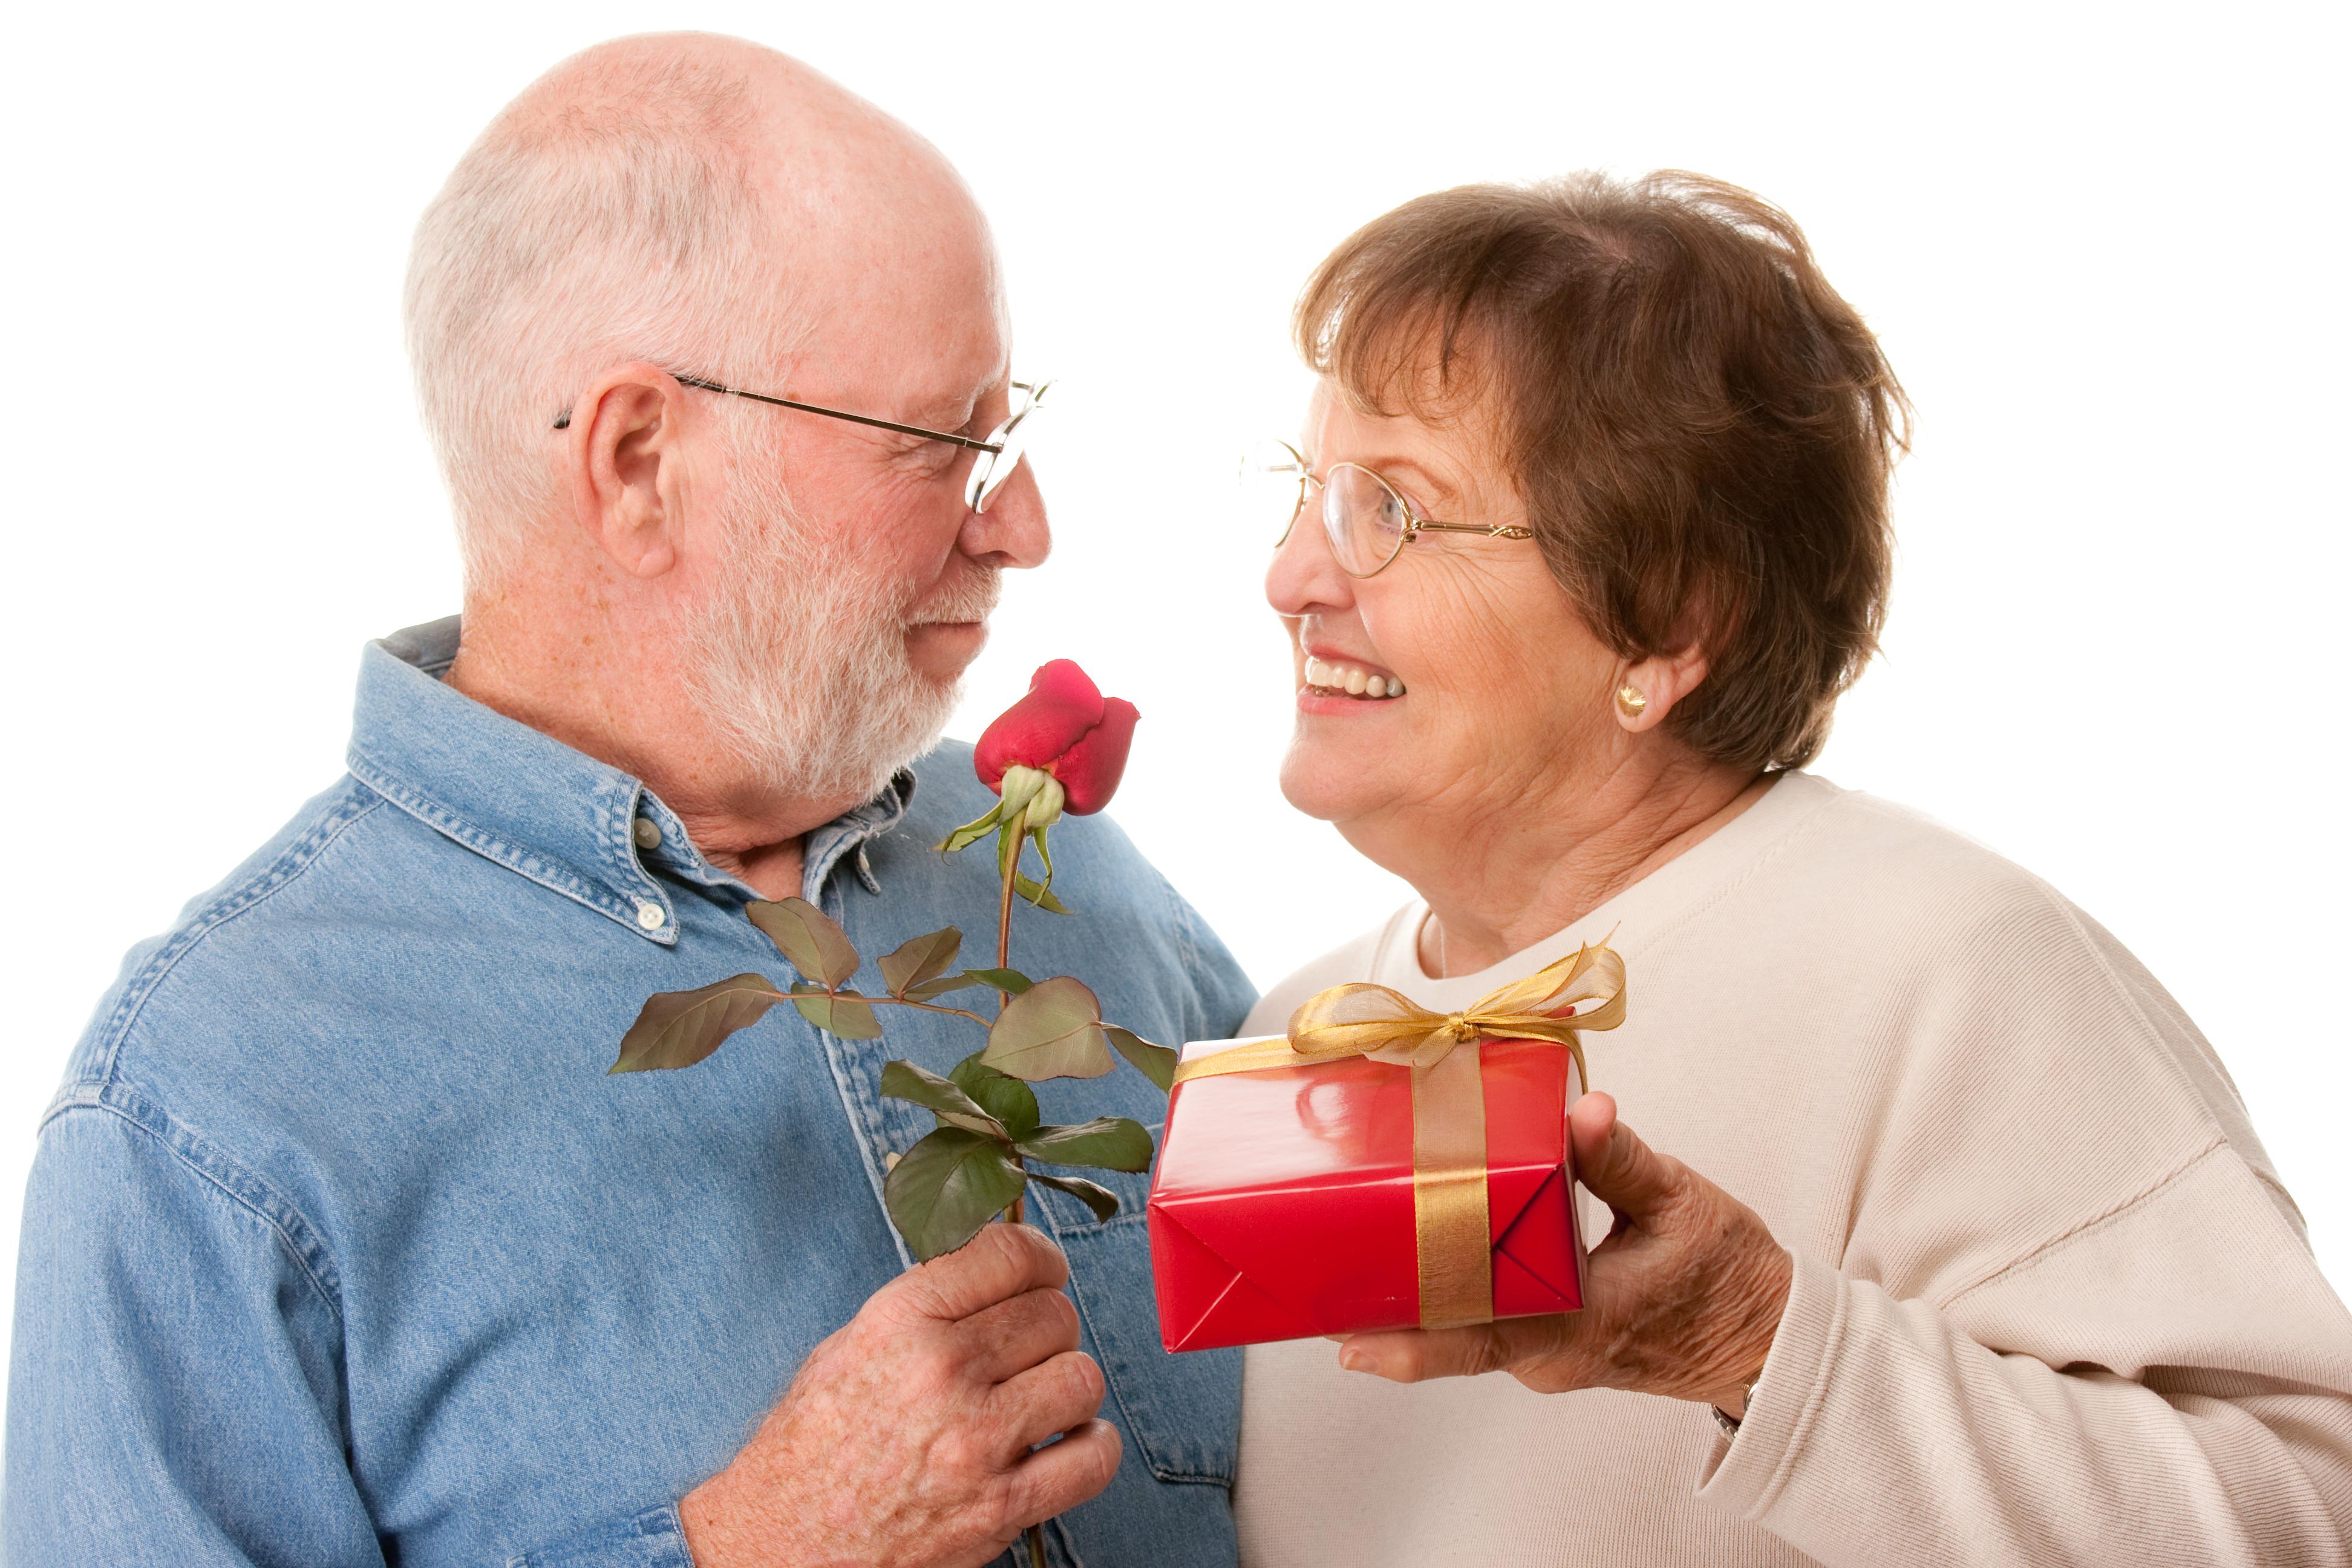 Decalogul căsniciei care durează o viață. Terapie de cuplu.